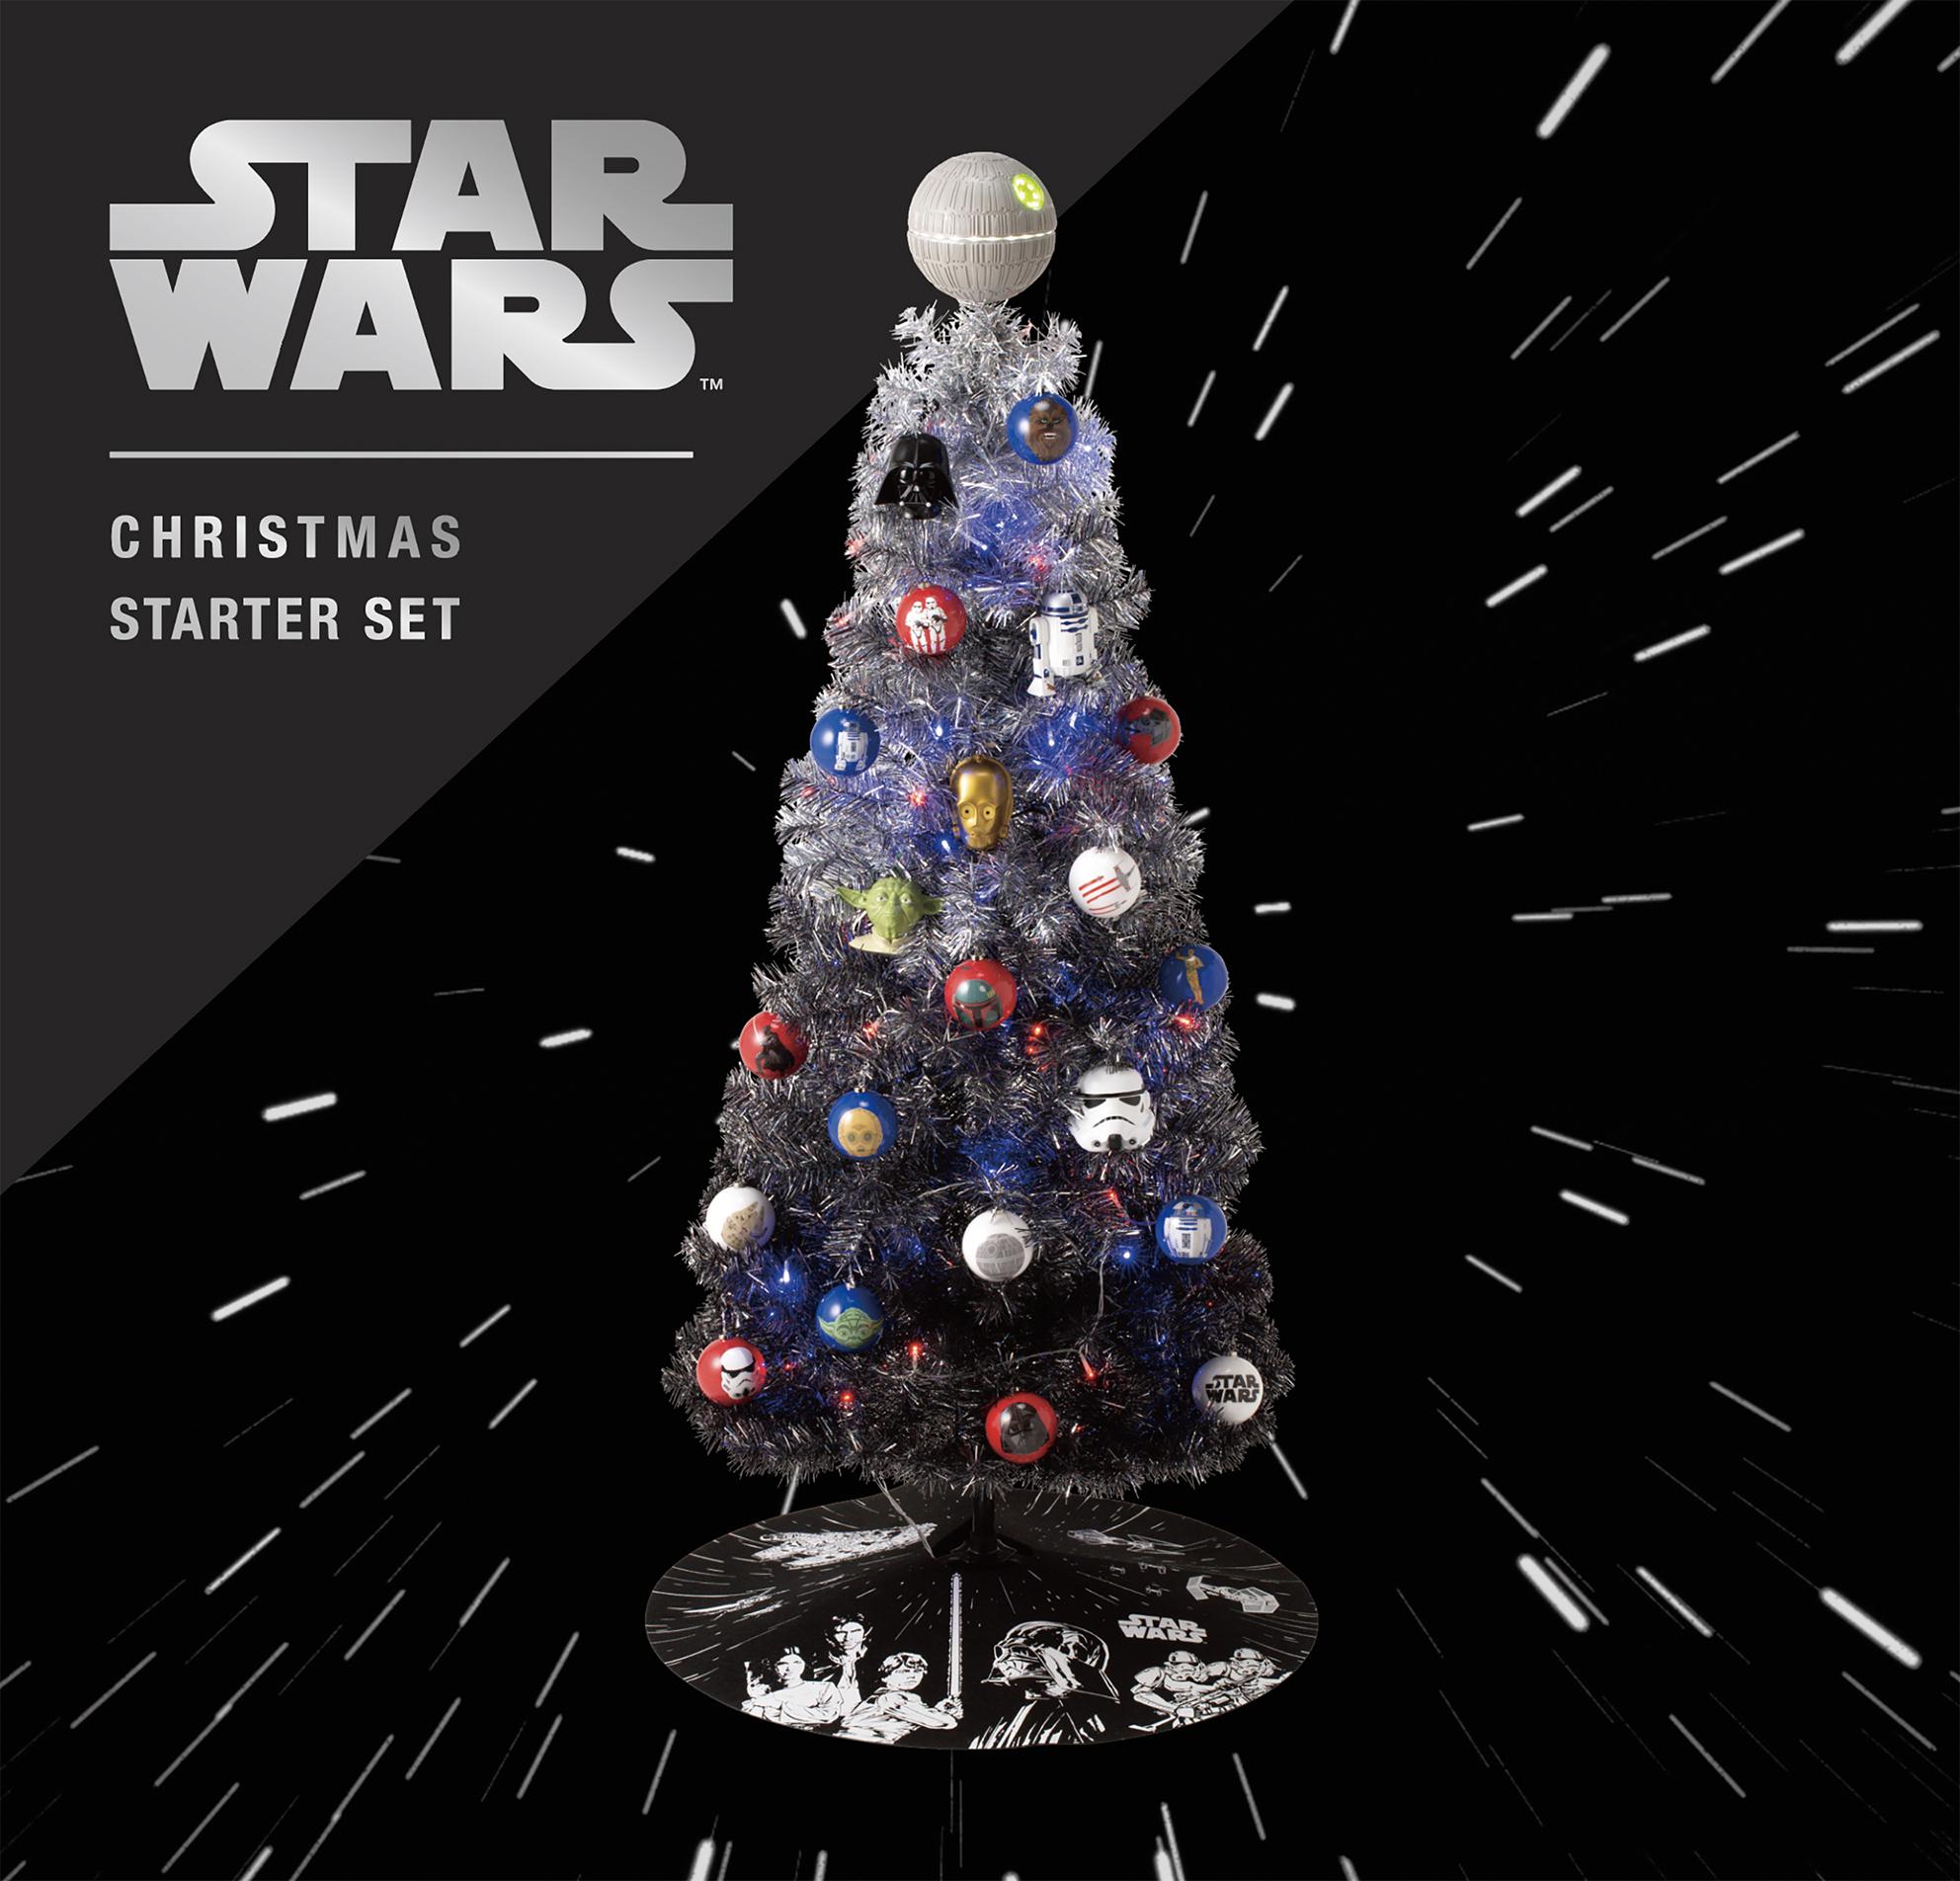 「スター・ウォーズ」クリスマスツリー10月4日より数量限定で販売|株式会社Francfrancのプレスリリース